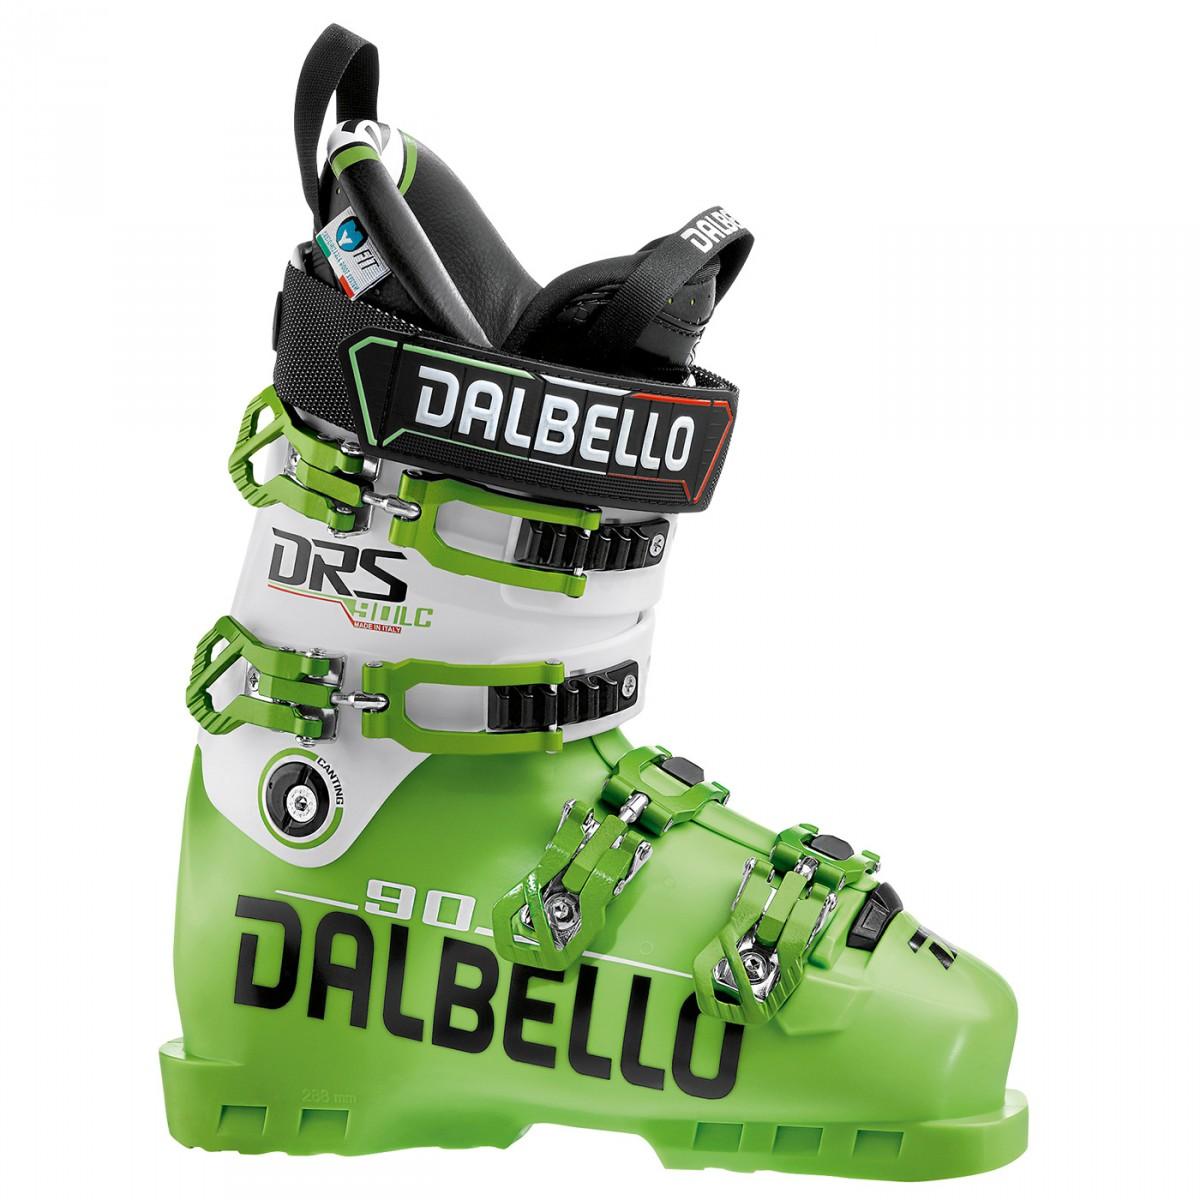 Scarponi sci Dalbello Drs 80 (Colore: lime-bianco, Taglia: 25)